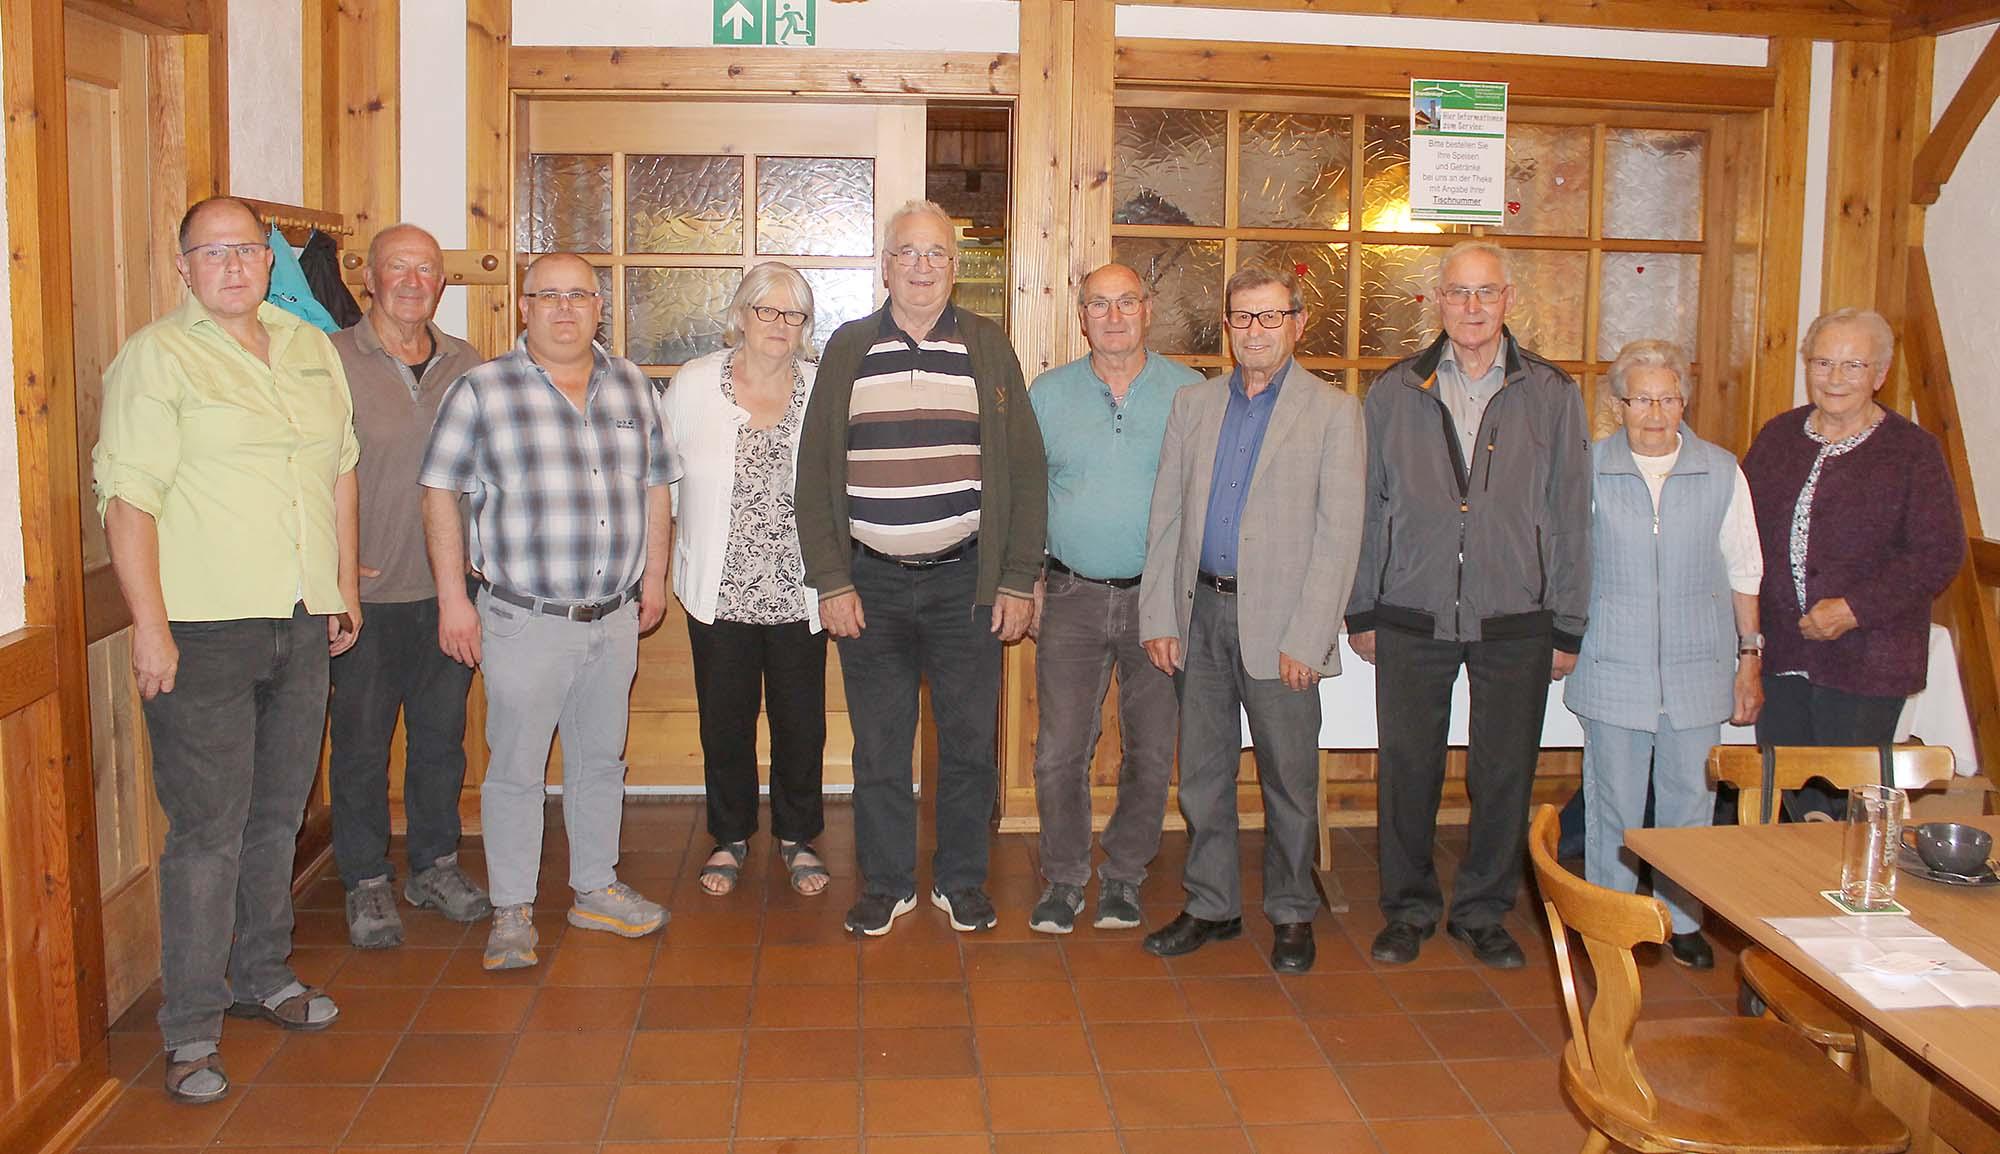 2021-9-15-OH-Franz Huber- SWV Oberharmersbach Mitgliederversammlung Bild2